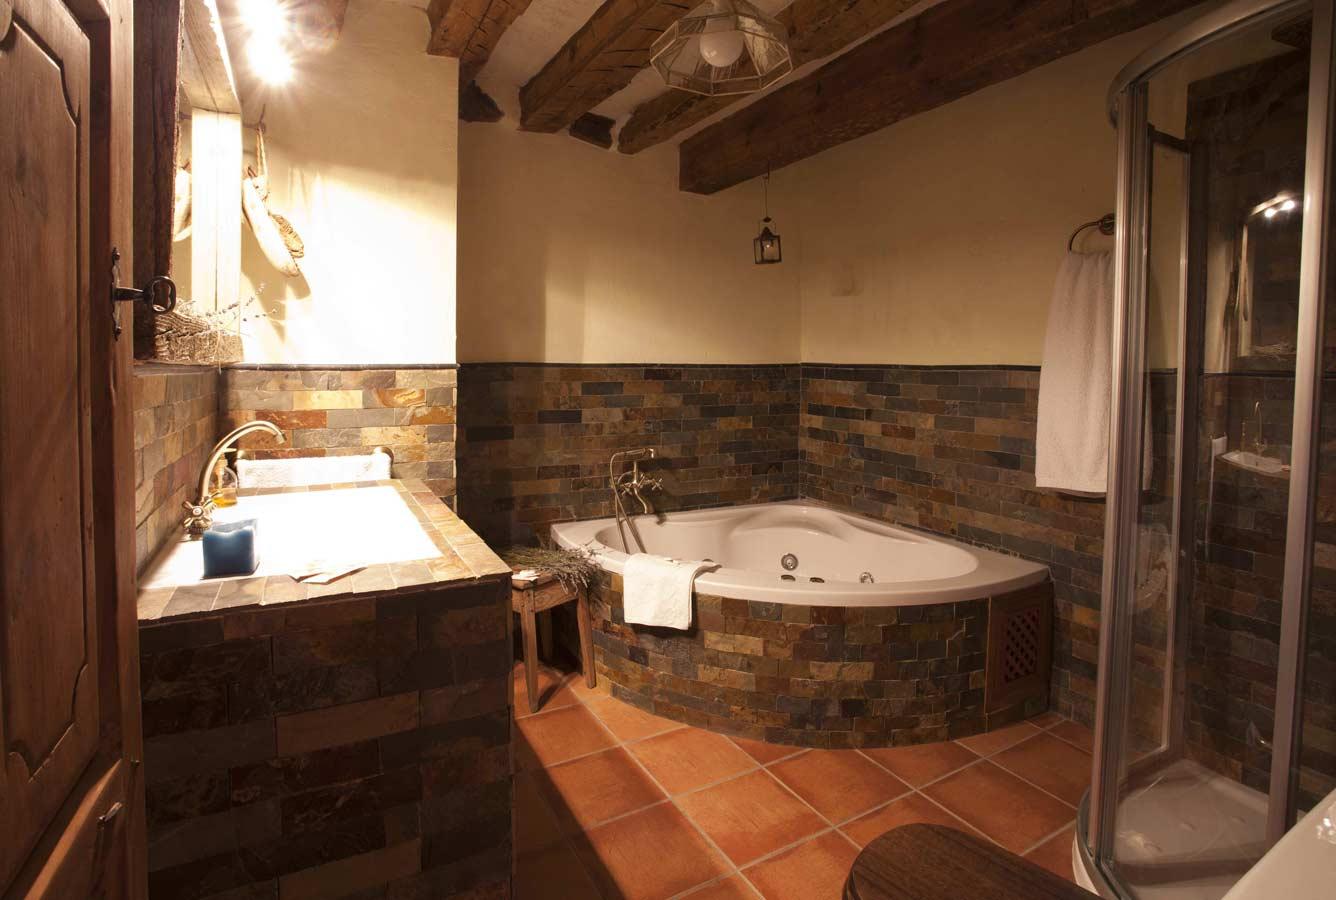 Jacuzzi Para Baño Pequeno:jacuzzi y ducha :   Baño equipado con jacuzzi y columna/ducha de